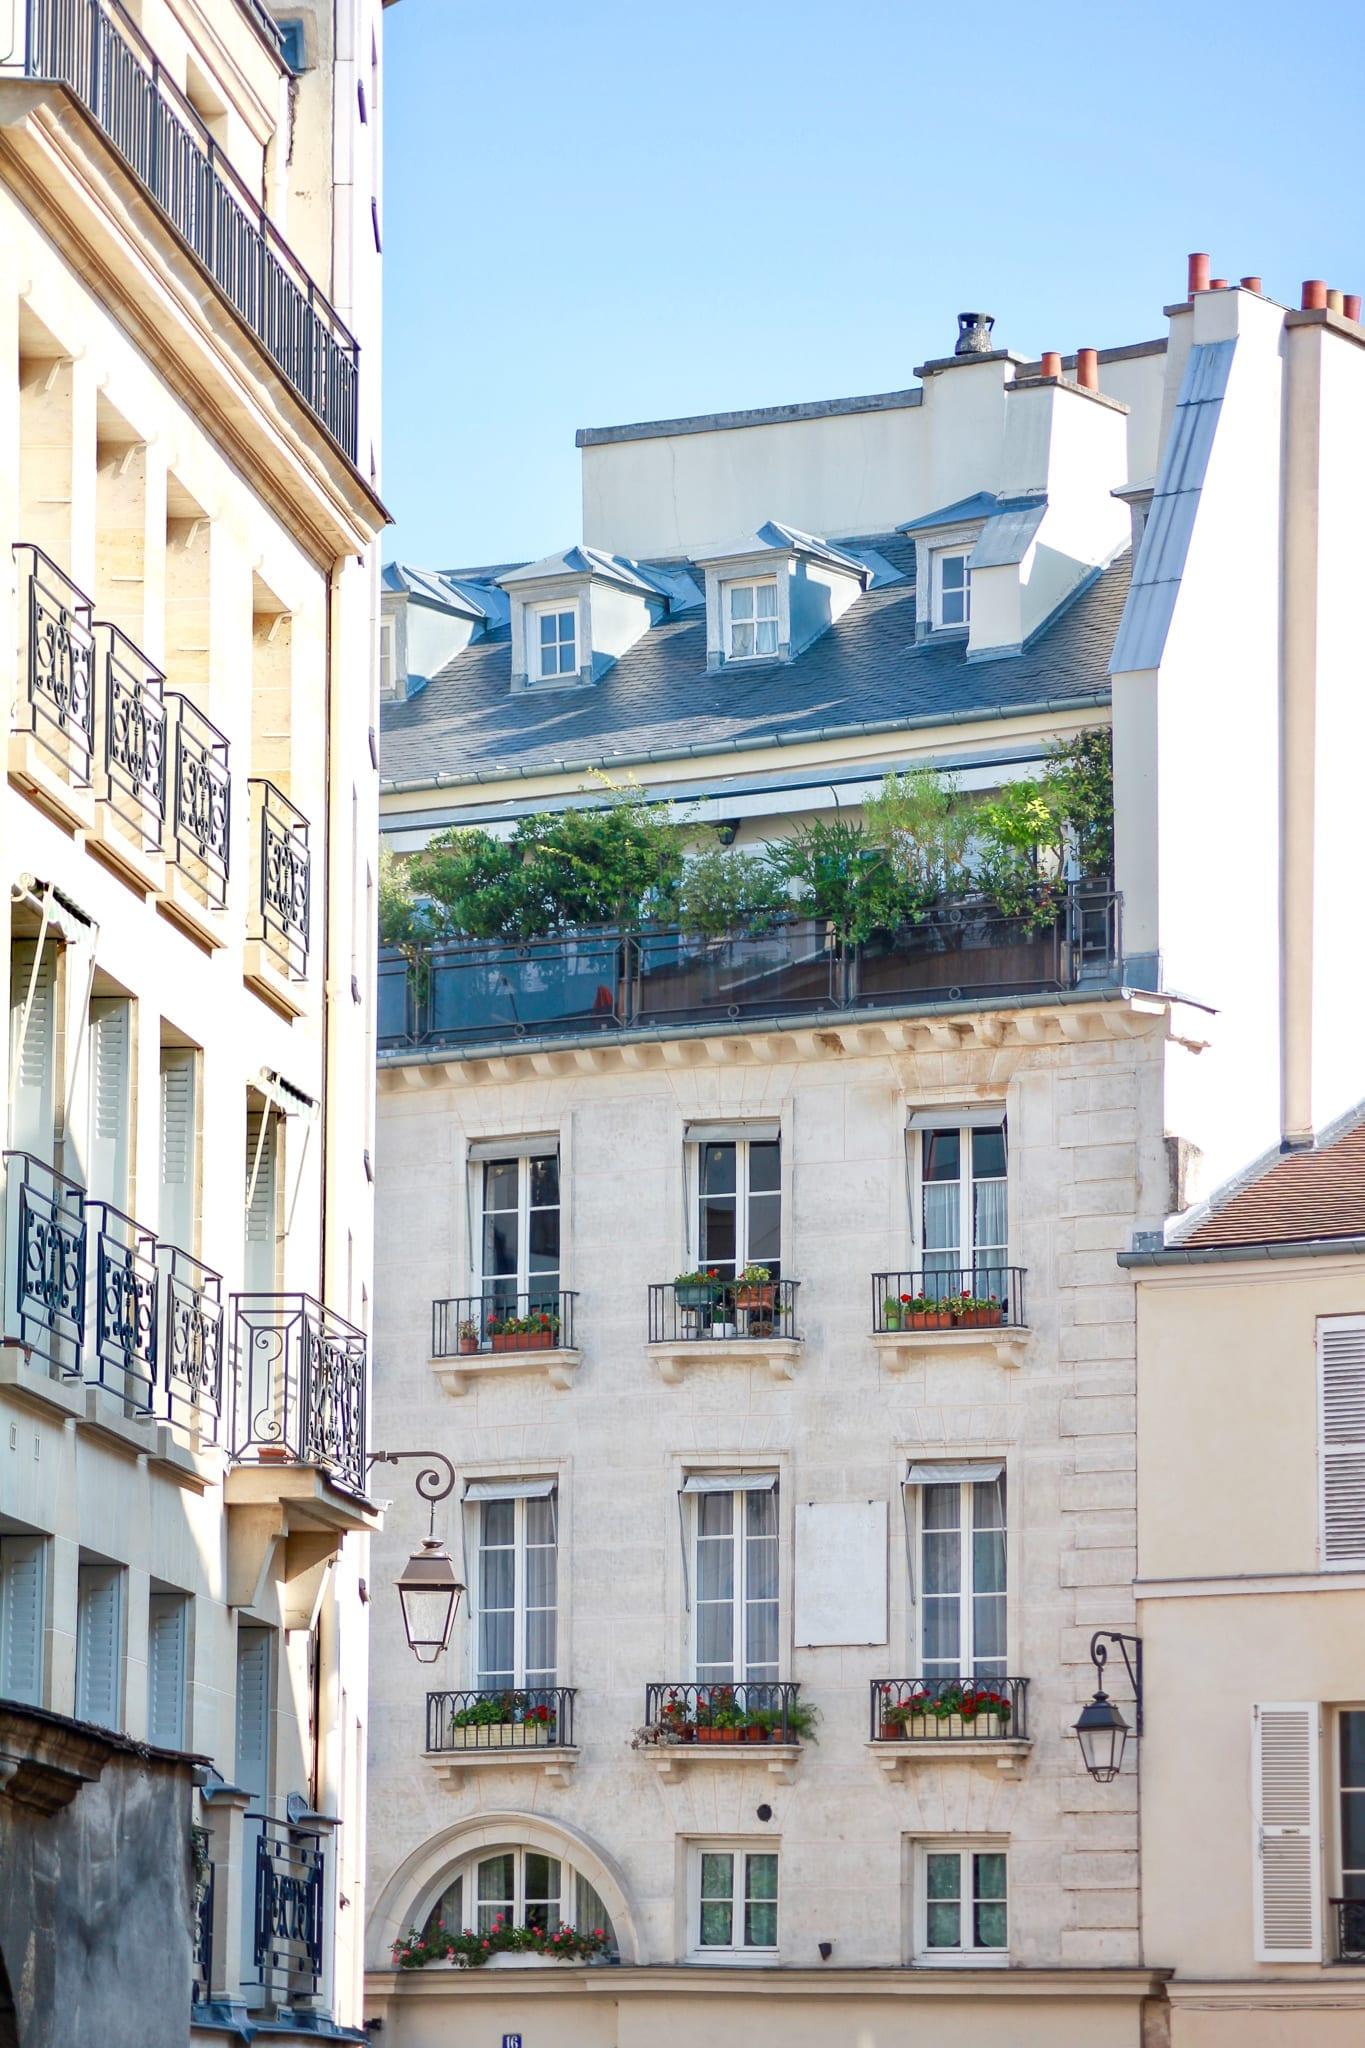 4 days in Paris - Paris Architecture